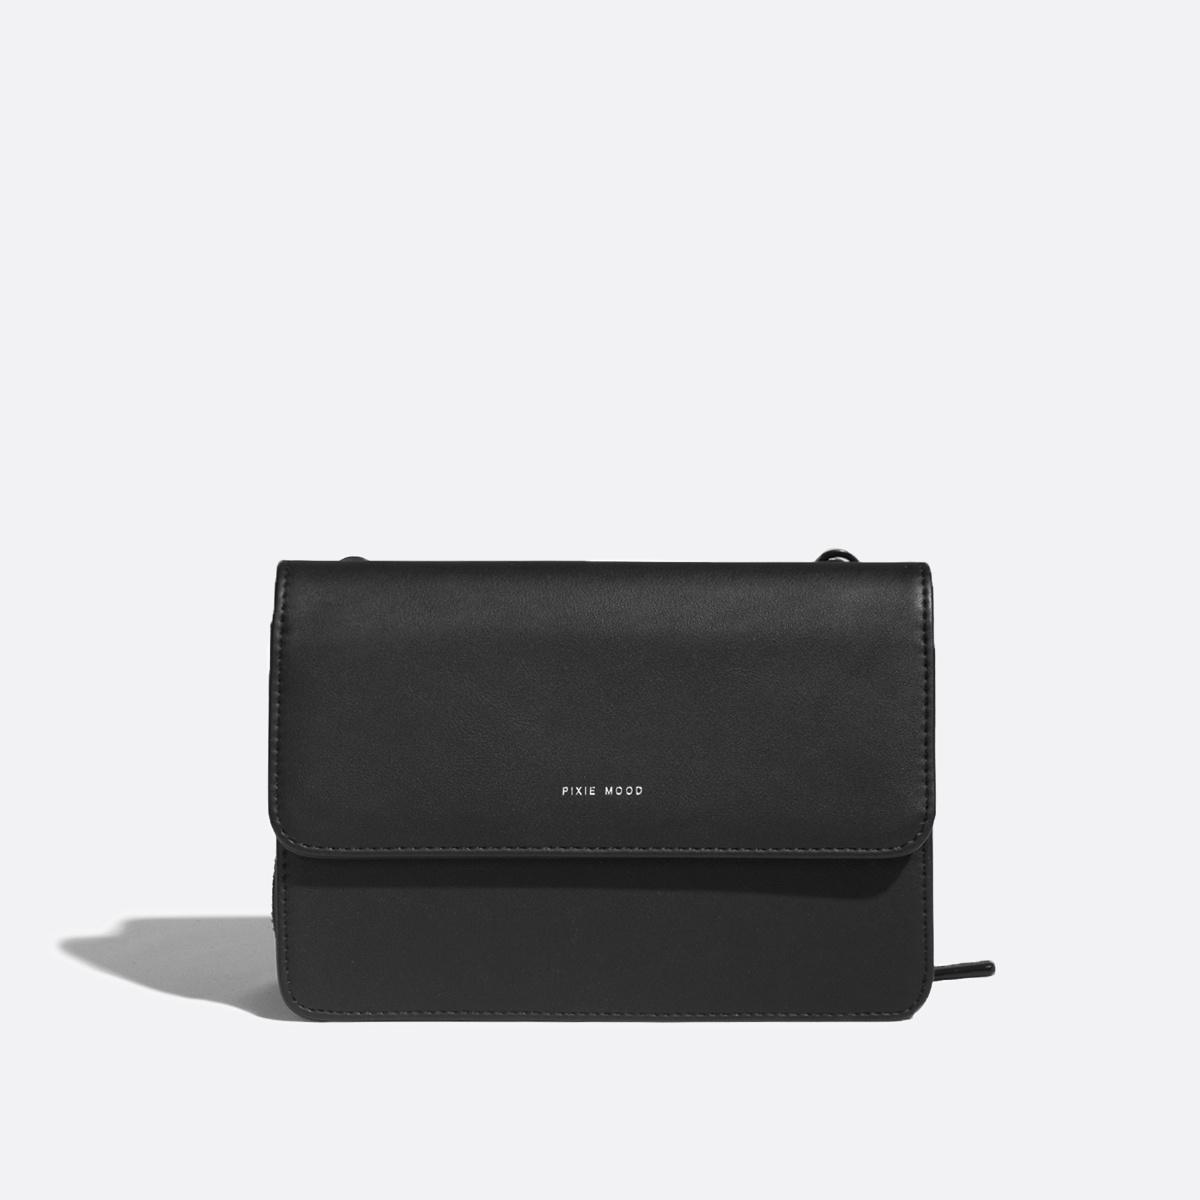 Jane 2 in 1 Wallet Purse Black Nubuck